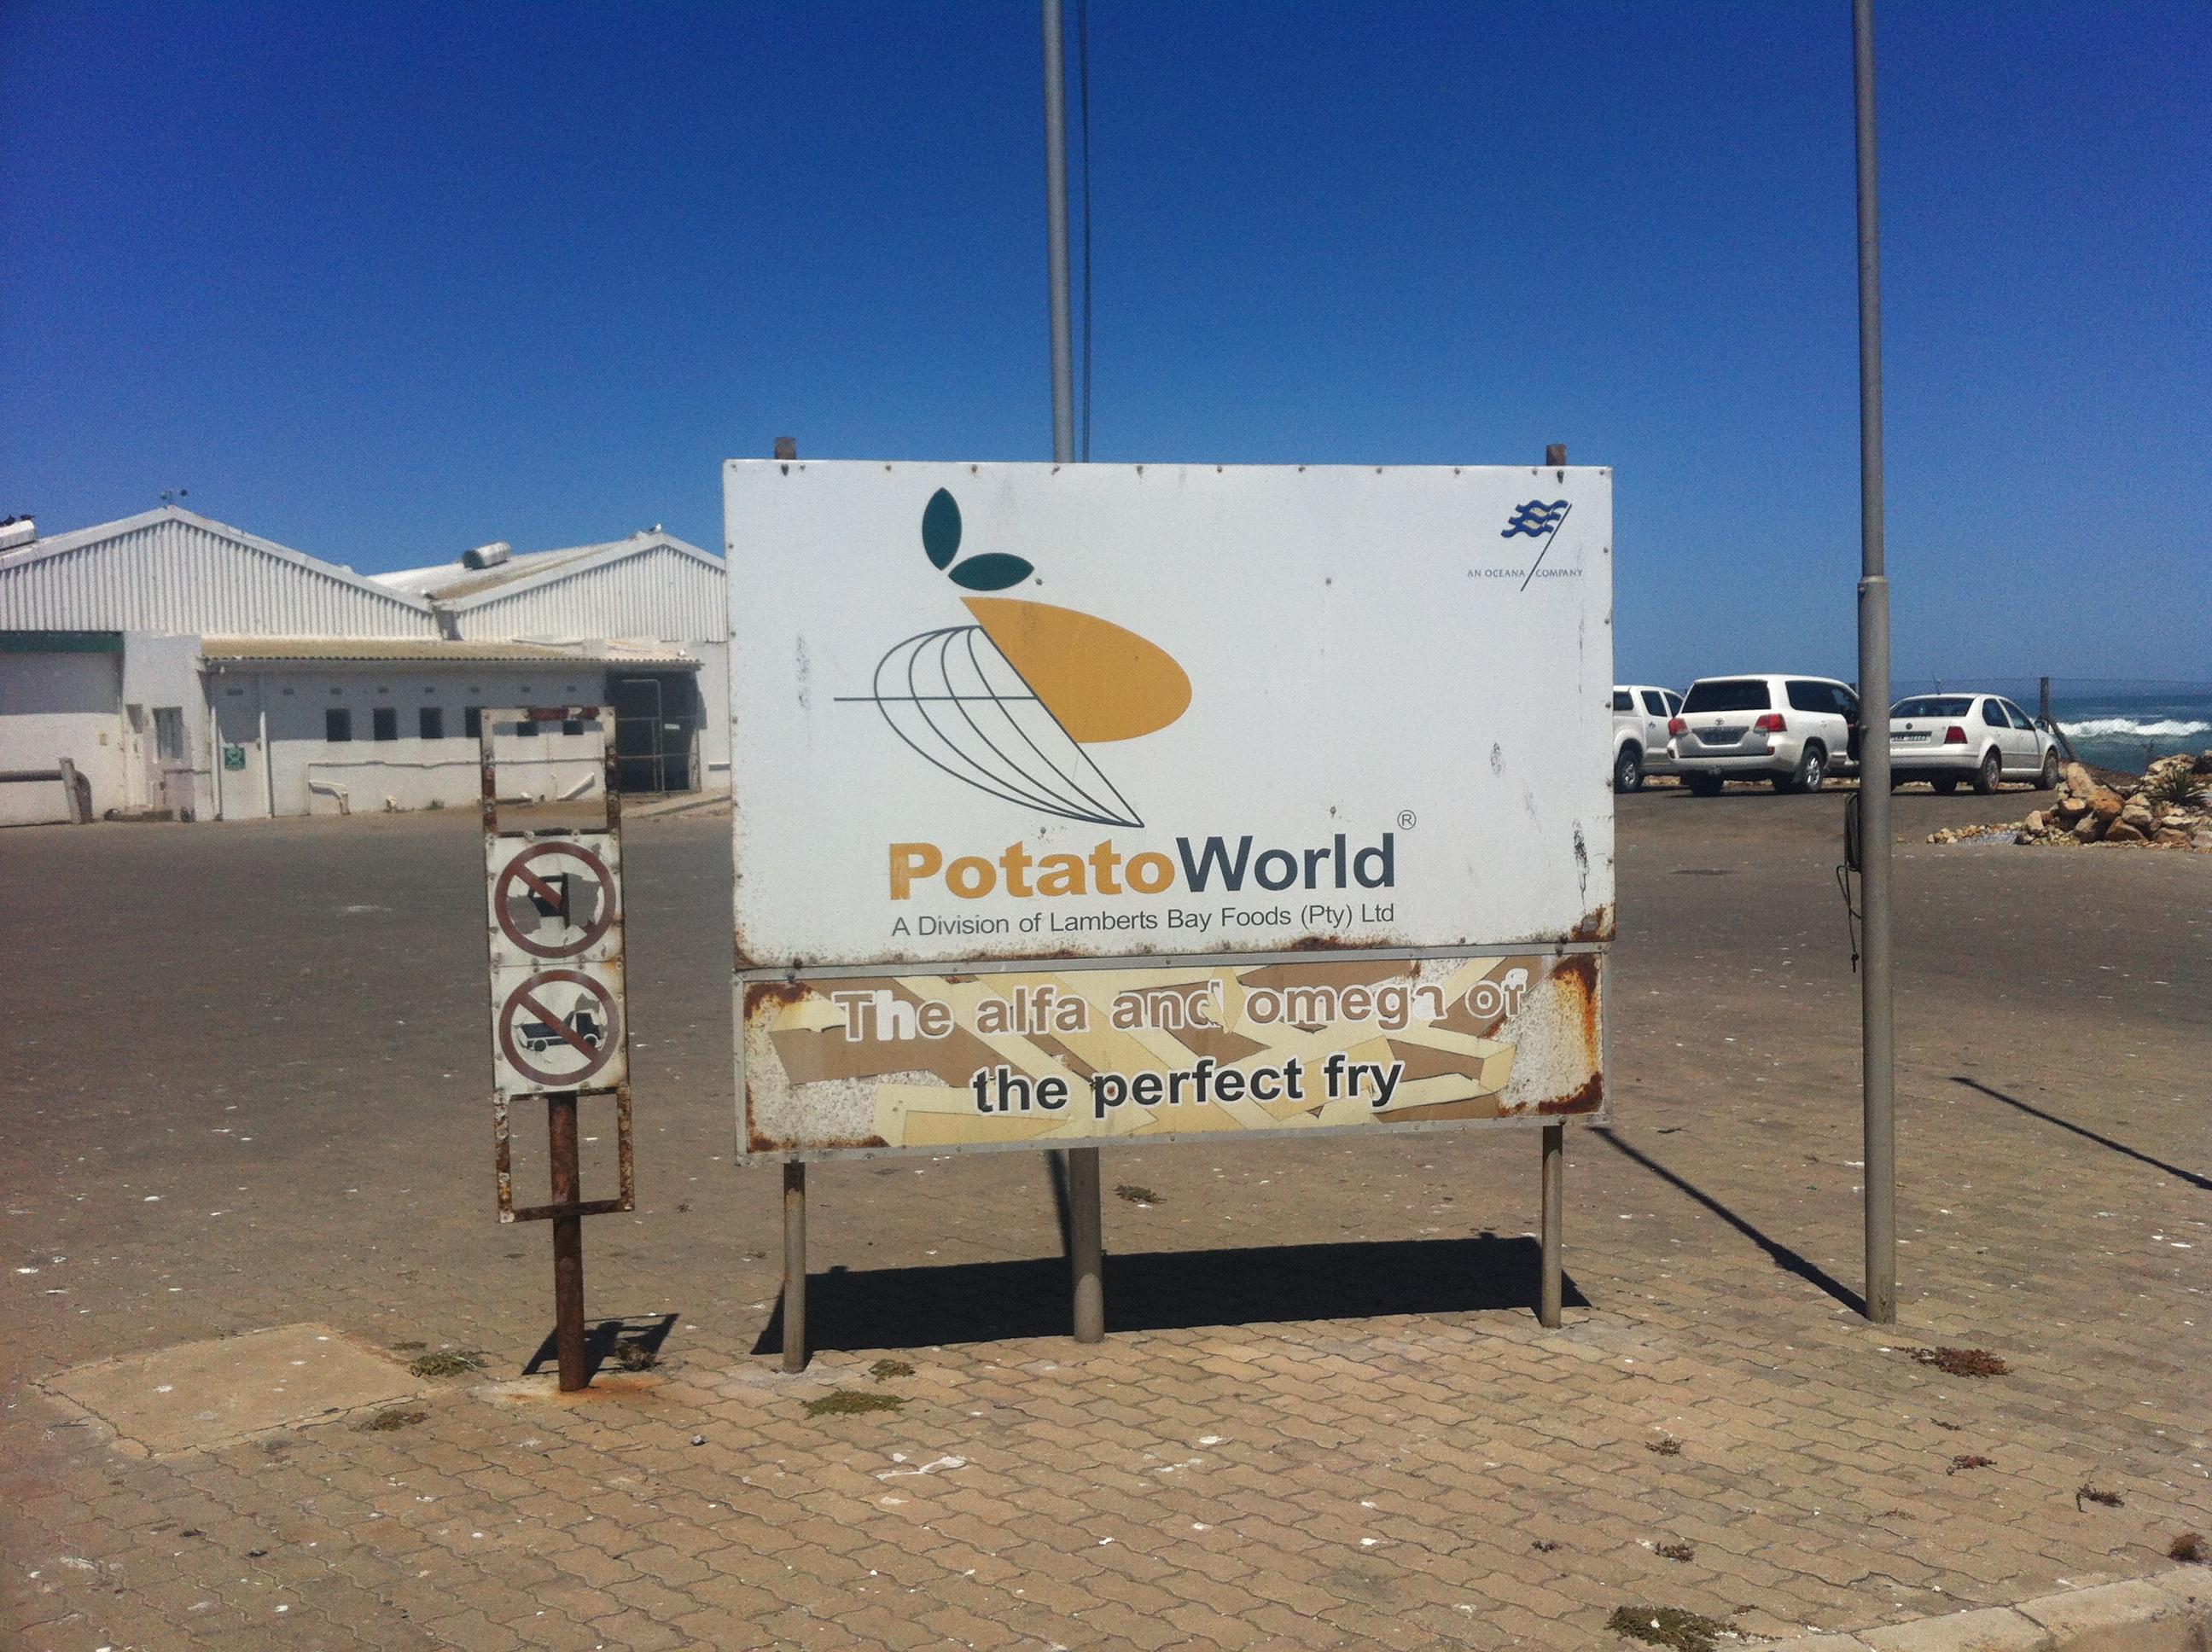 Potato World